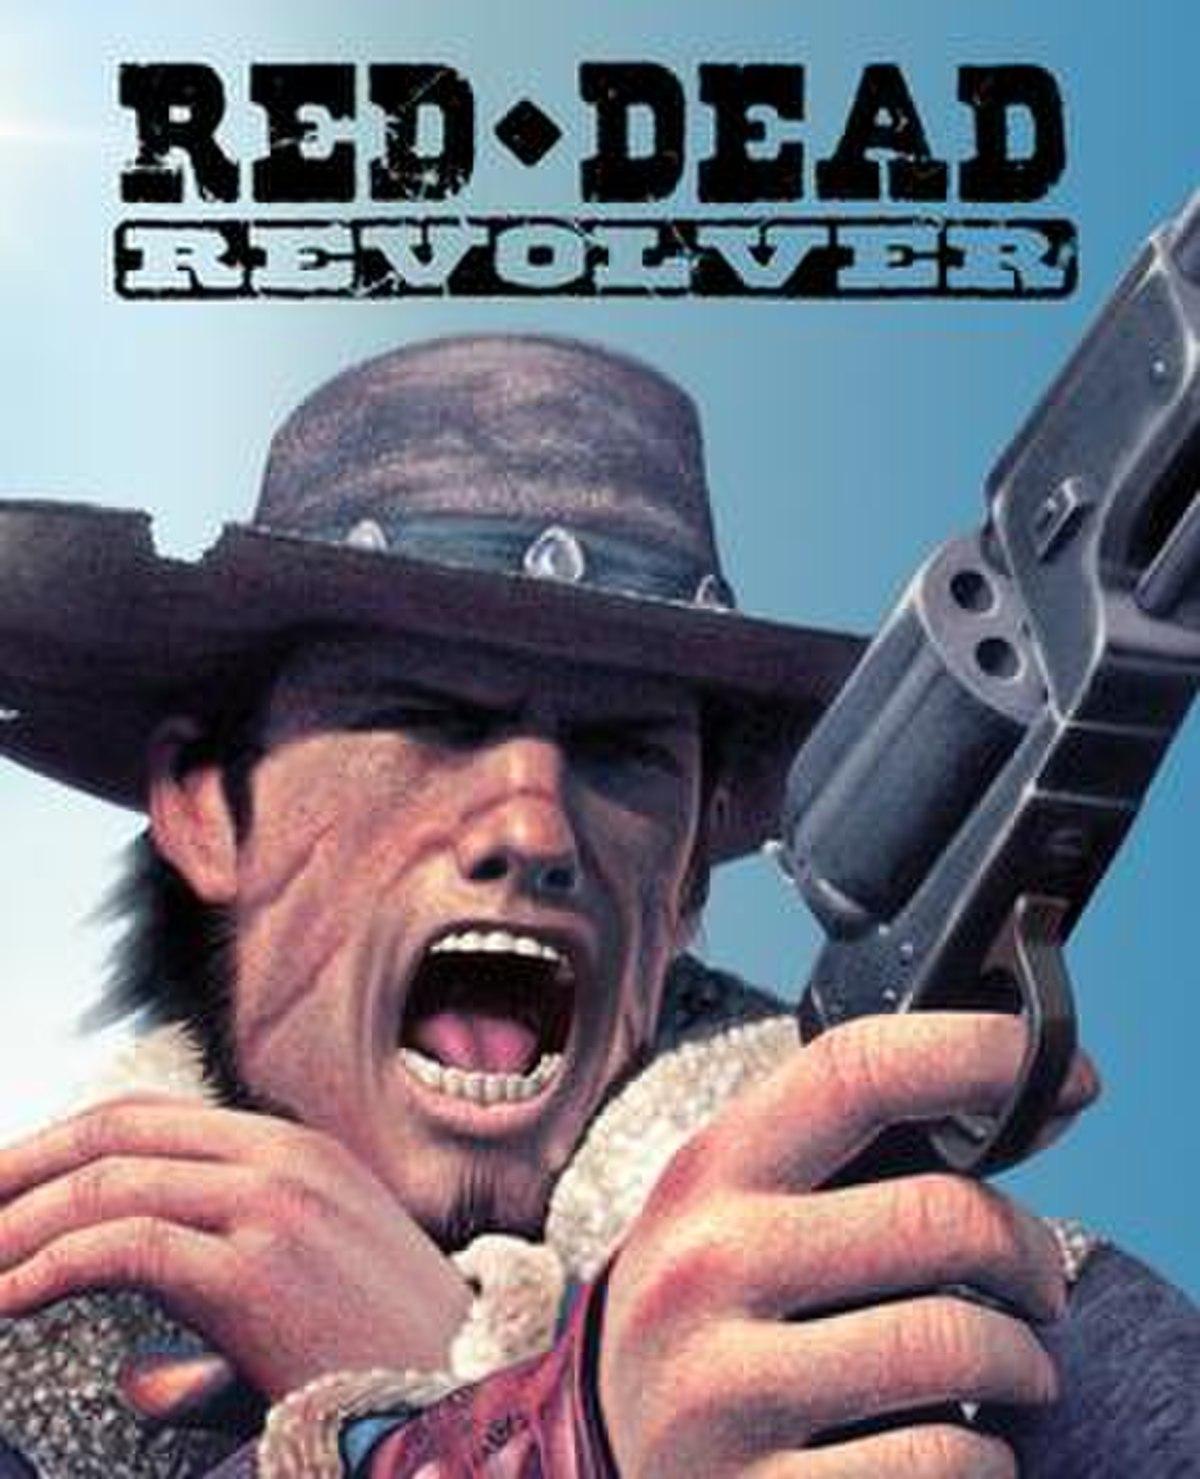 Red Dead Revolver - Wikipedia